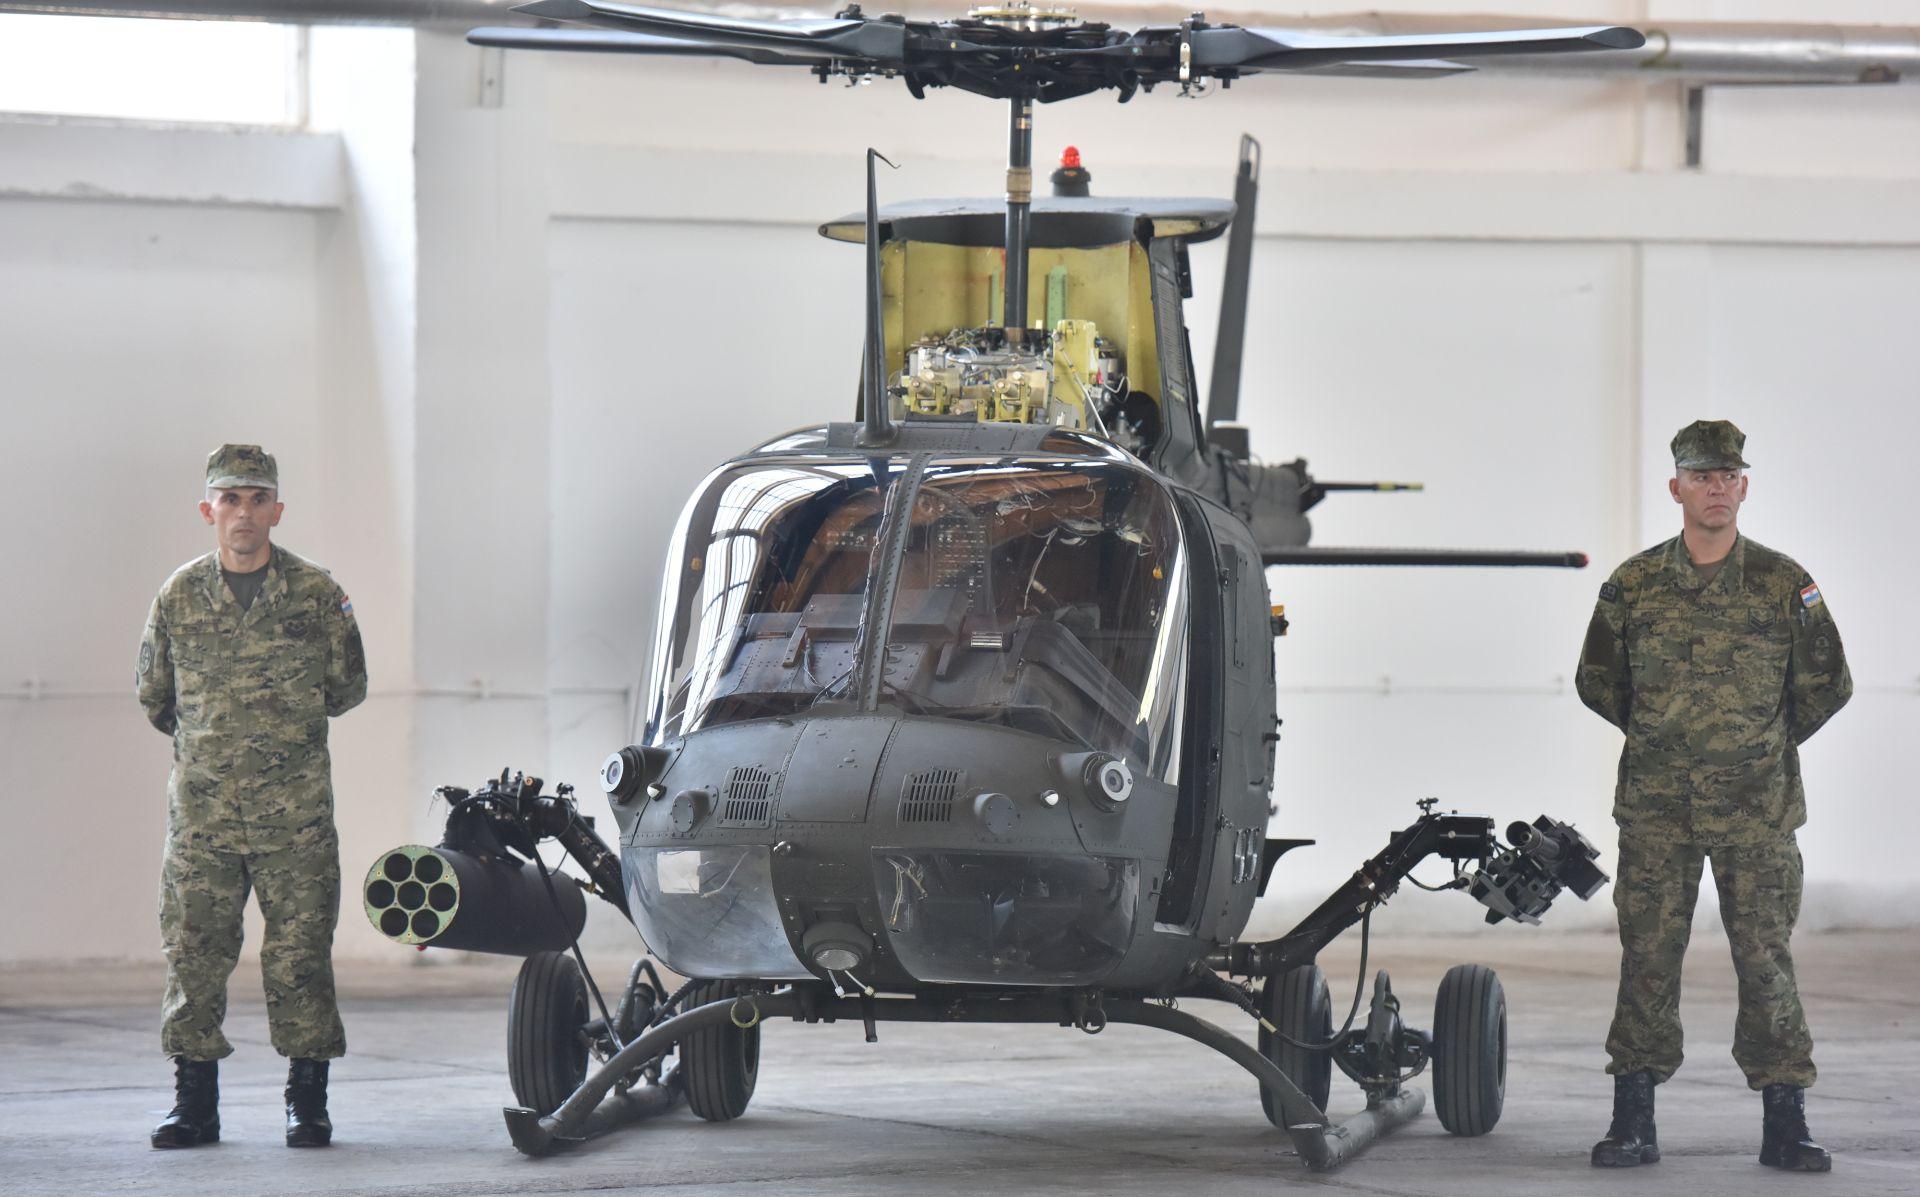 MORH Svi helikopteri Kiowa Warrior dopremljeni u bazu Zemunik